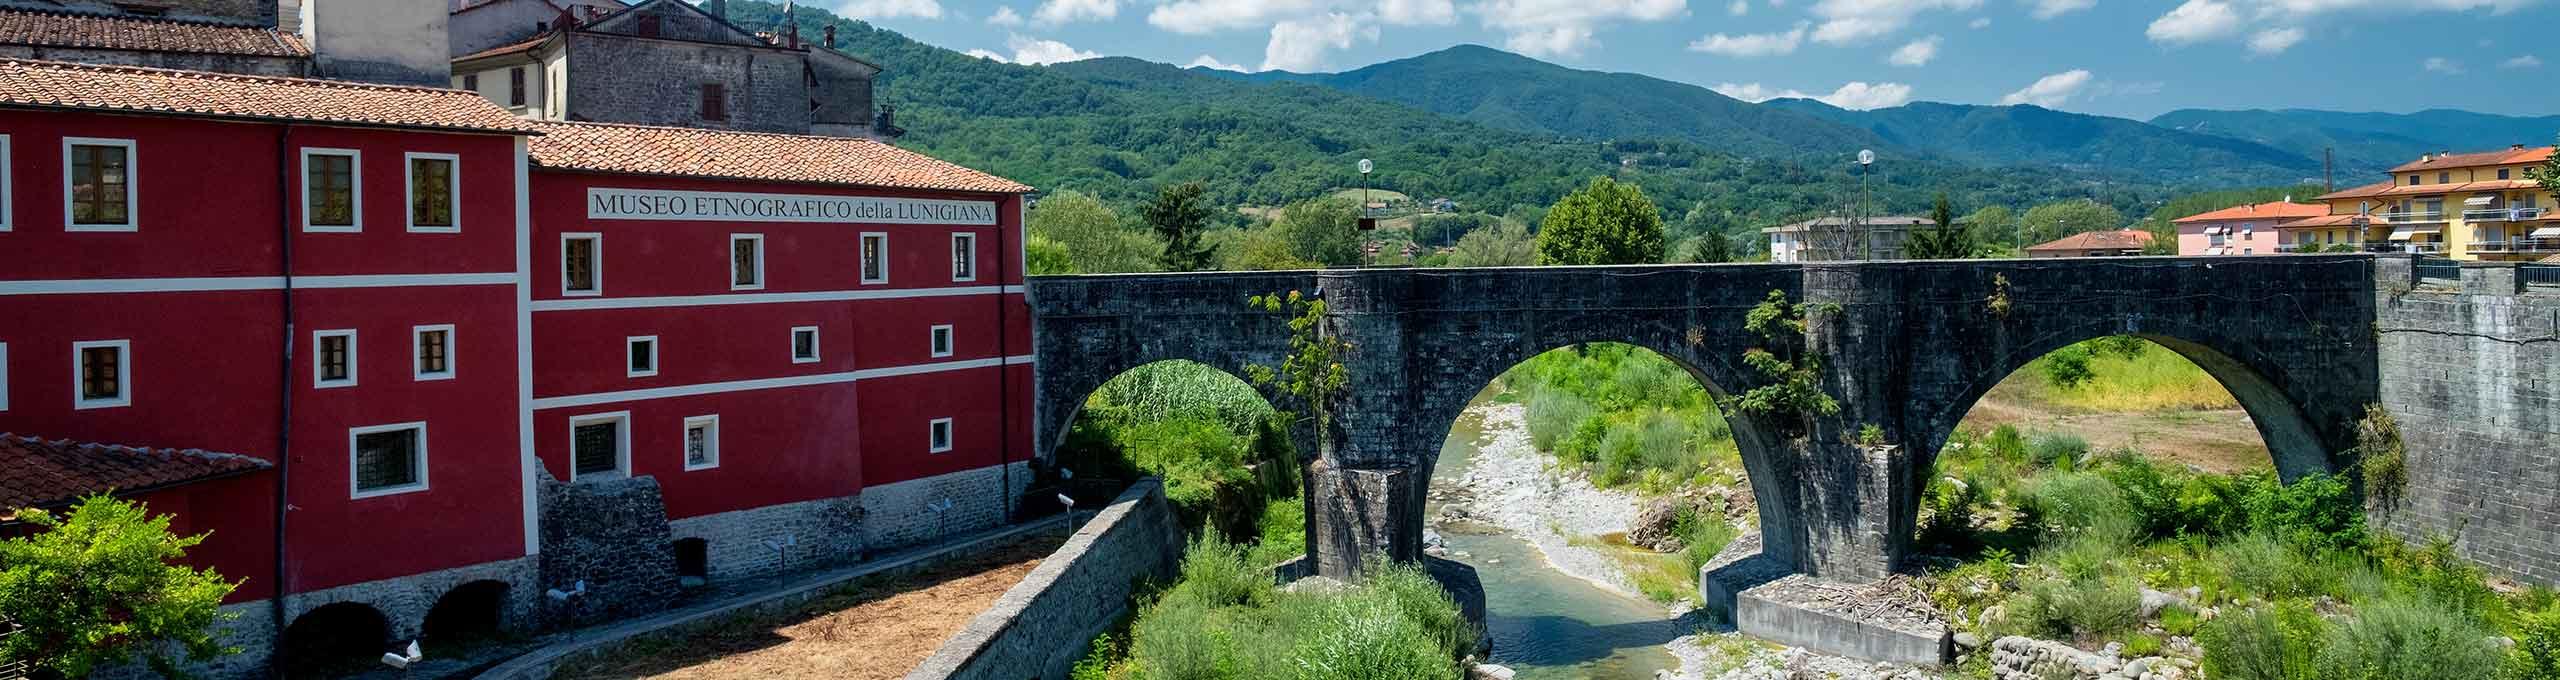 Museo Etnografico e ponte storico in pietra